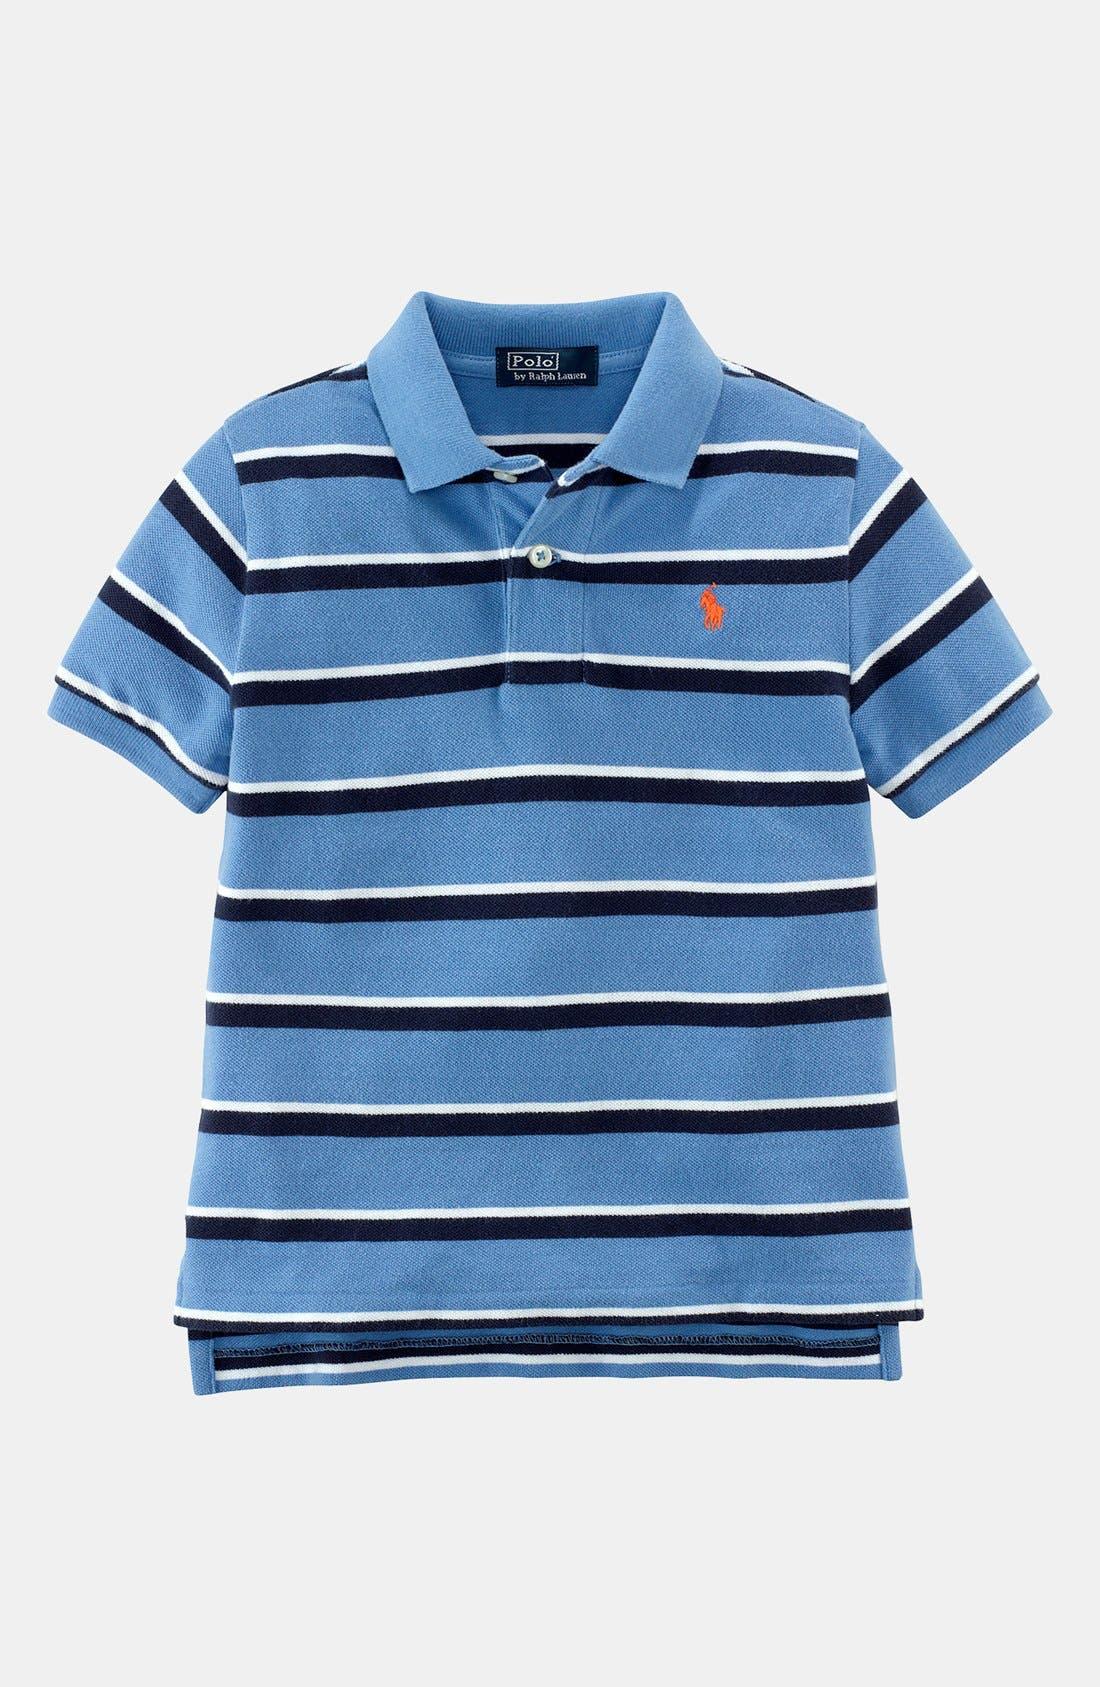 Alternate Image 1 Selected - Ralph Lauren Stripe Polo (Toddler Boys)